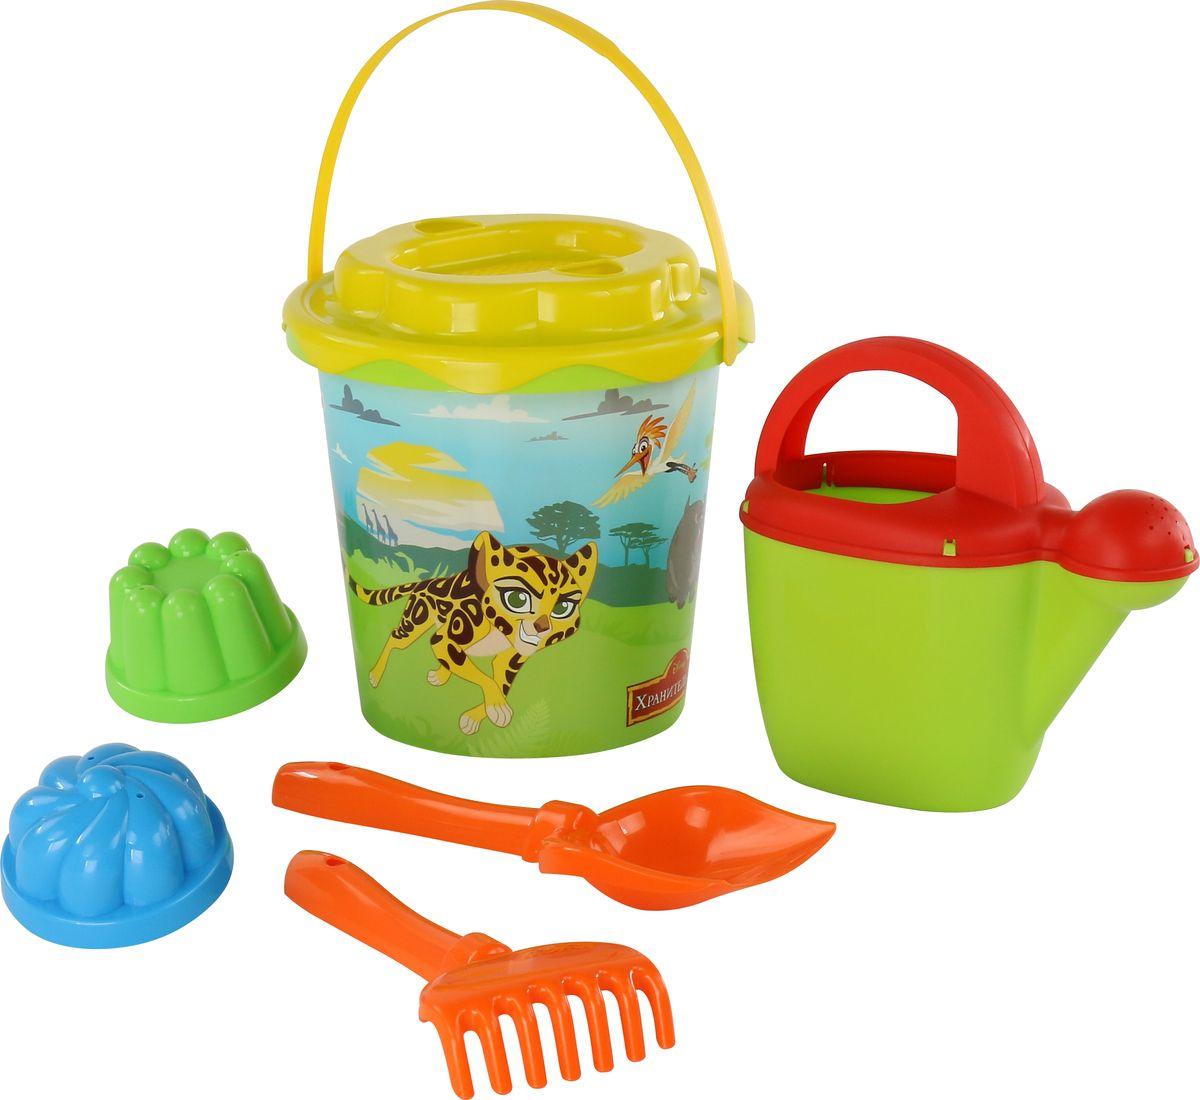 Disney Набор игрушек для песочницы Хранитель Лев №9 hemar набор для песочницы авто ptys 9 предметов